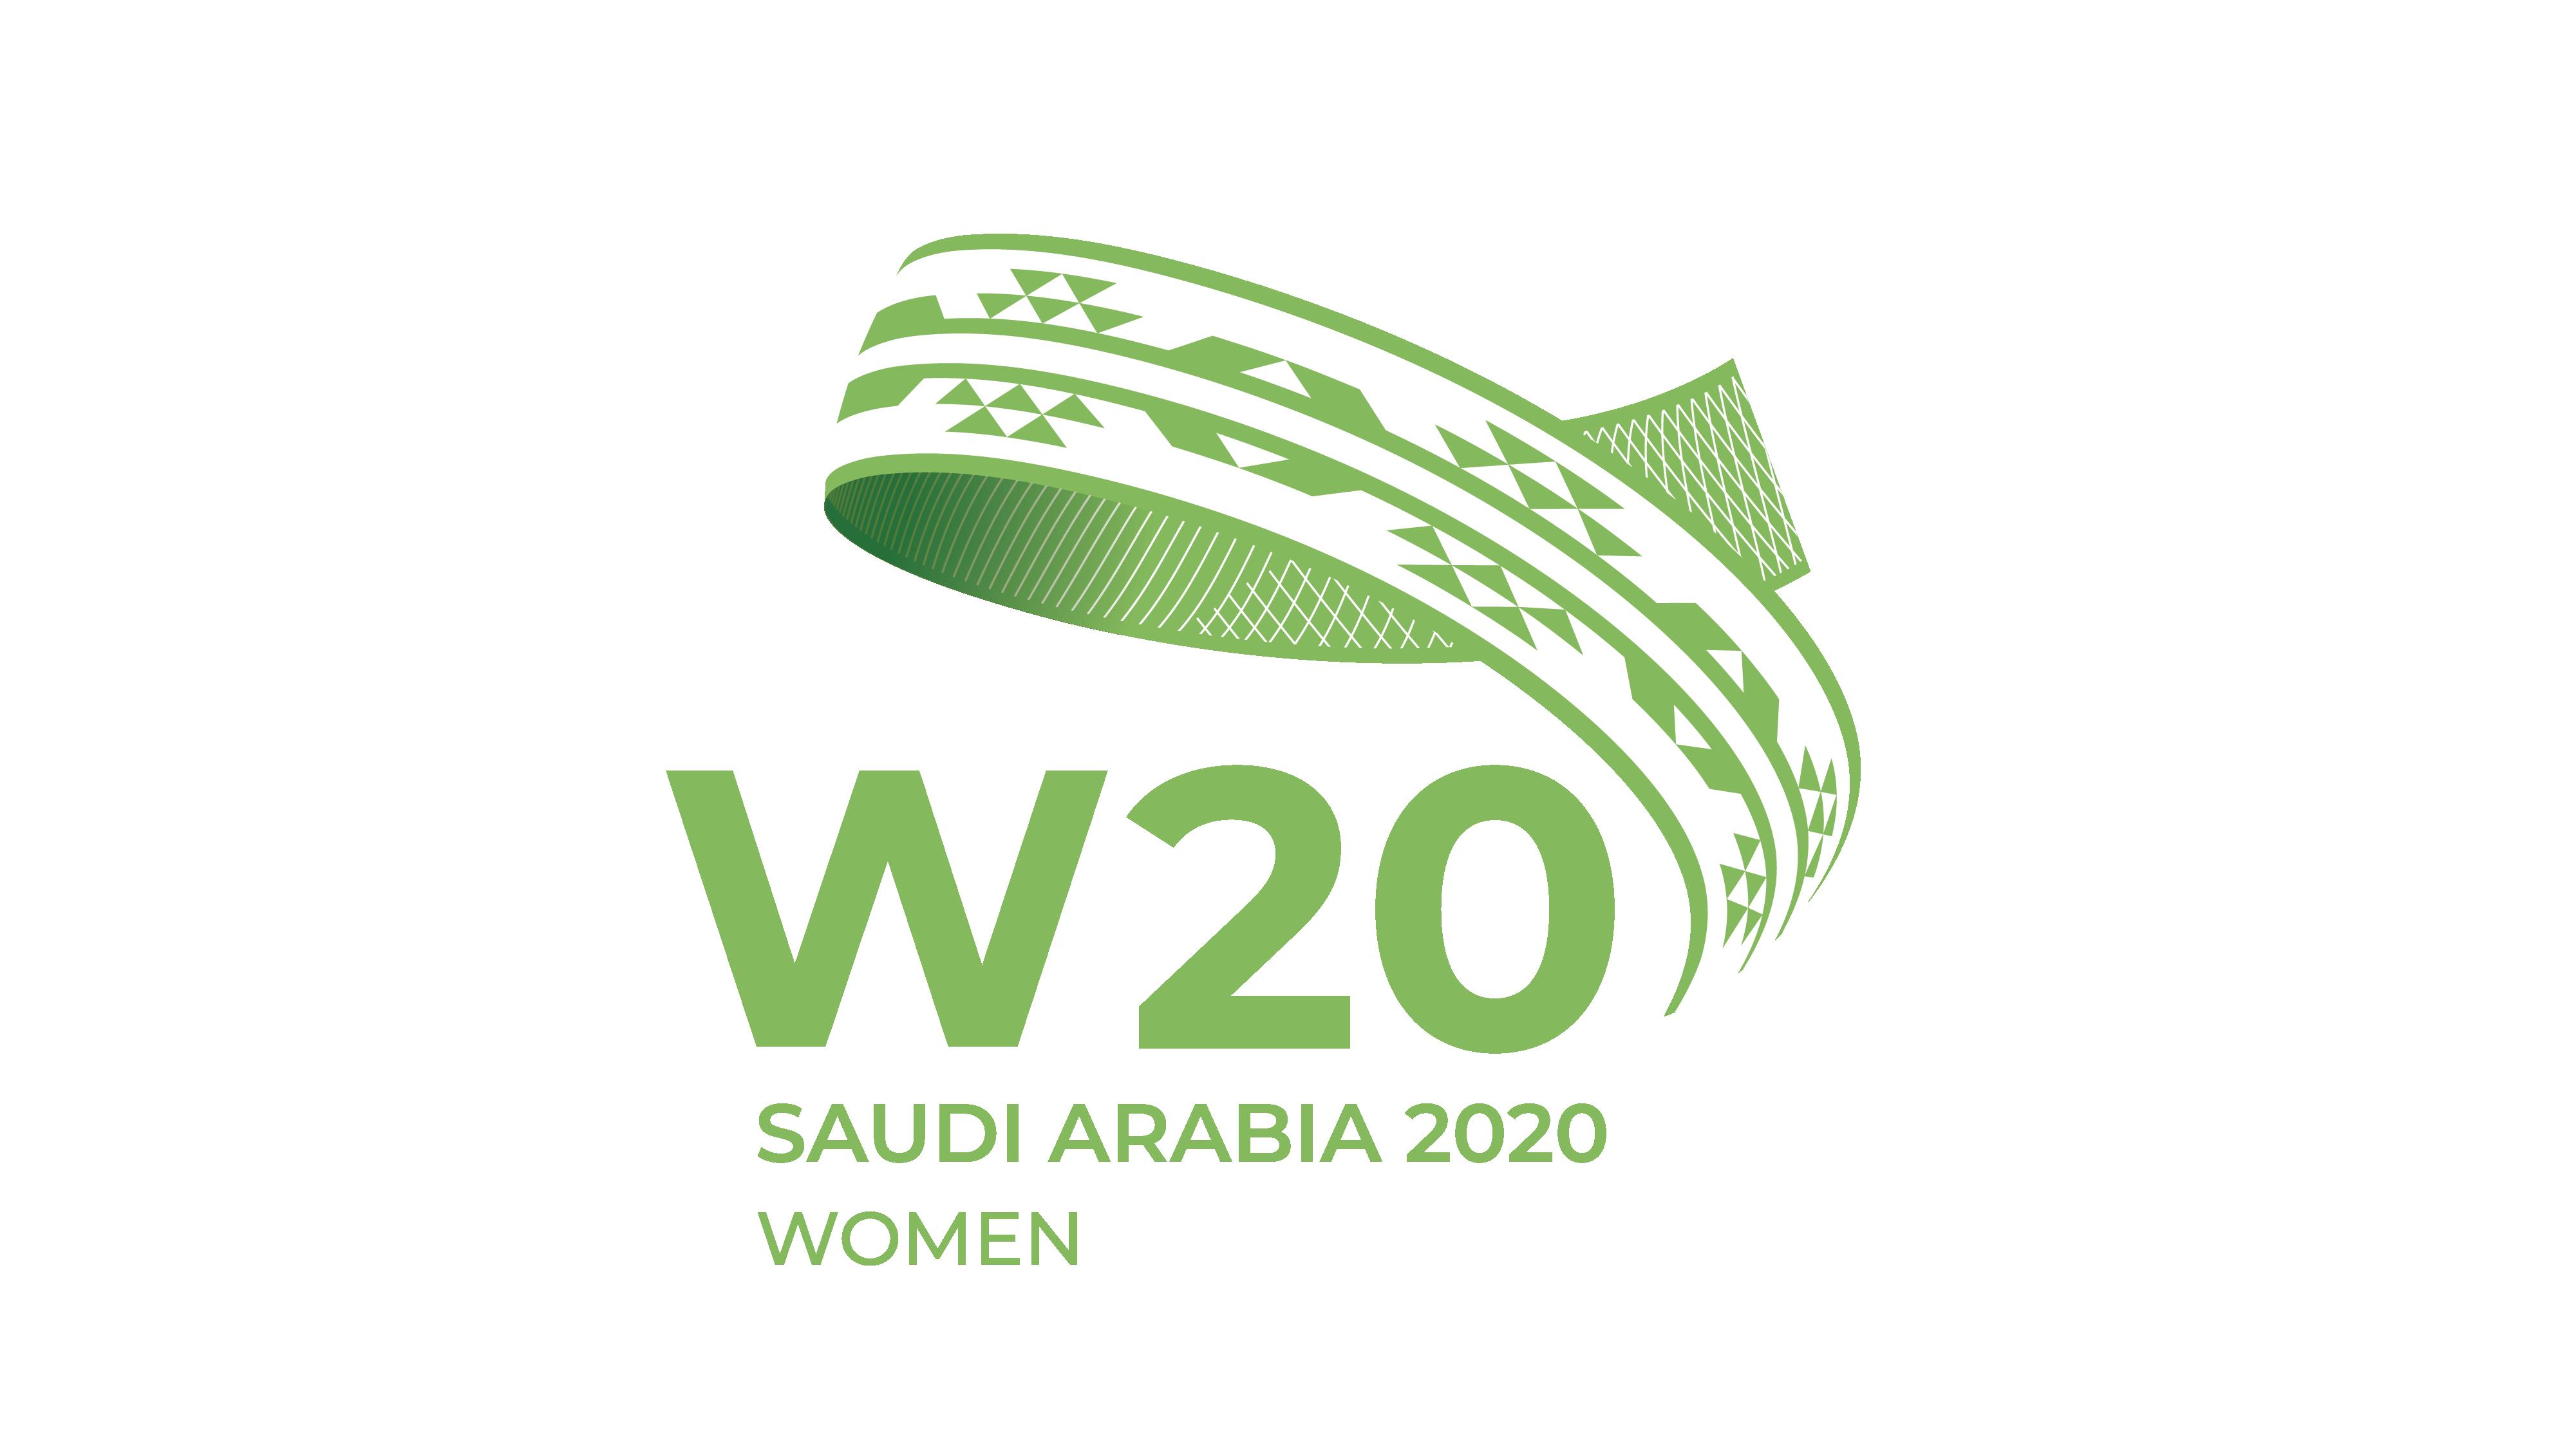 Women 20 (W20) logo